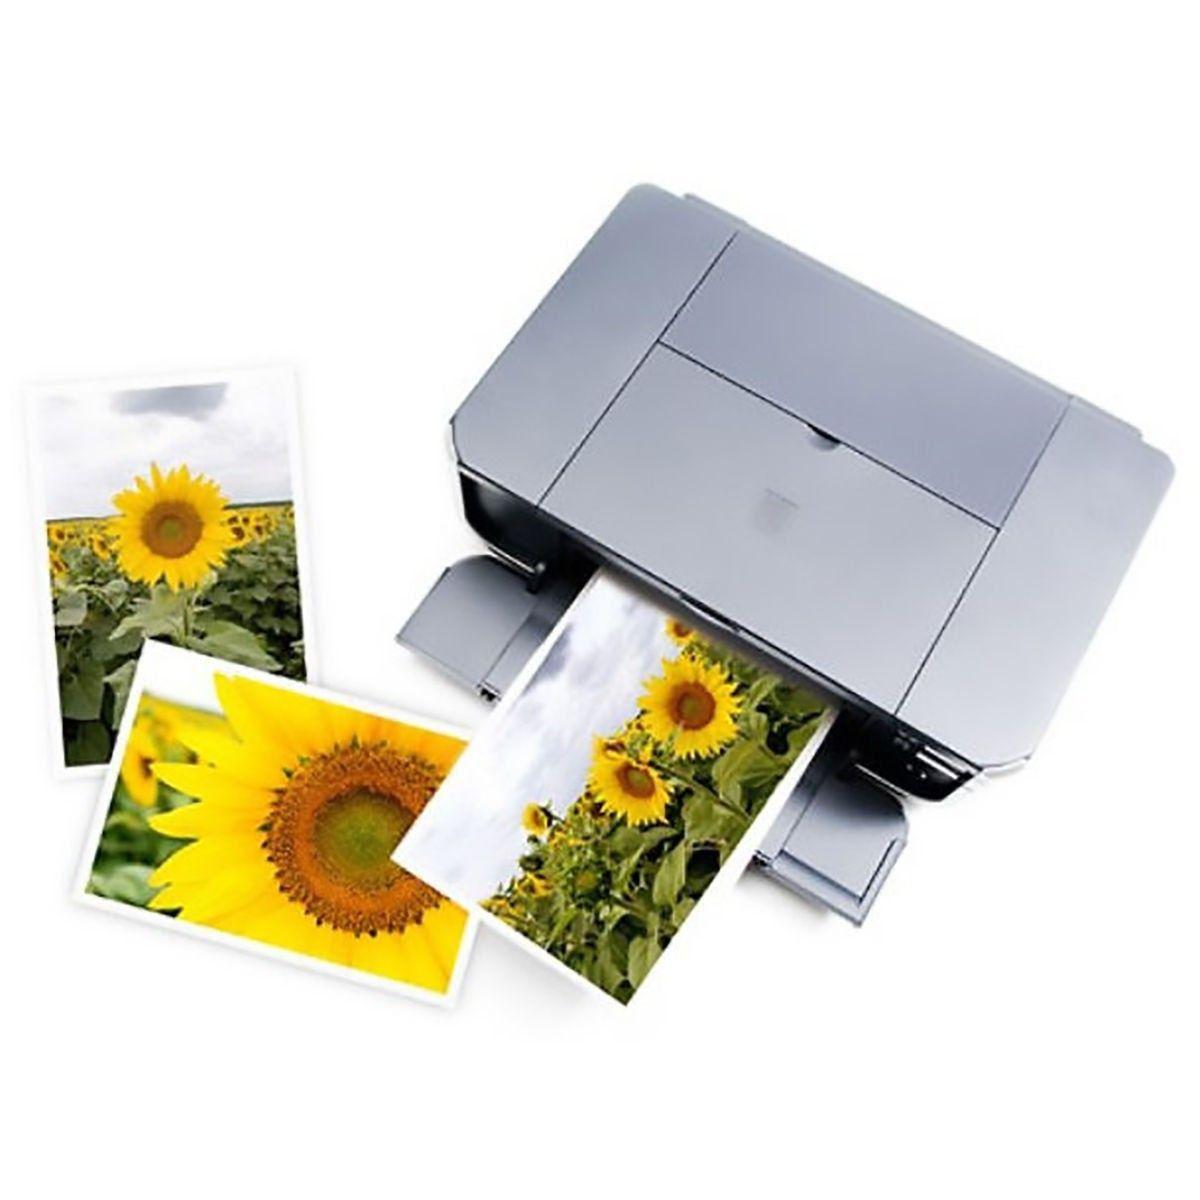 Papel Fotográfico Adesivo Glossy A4 130g Branco Brilhante Resistente à Água / 100 folhas